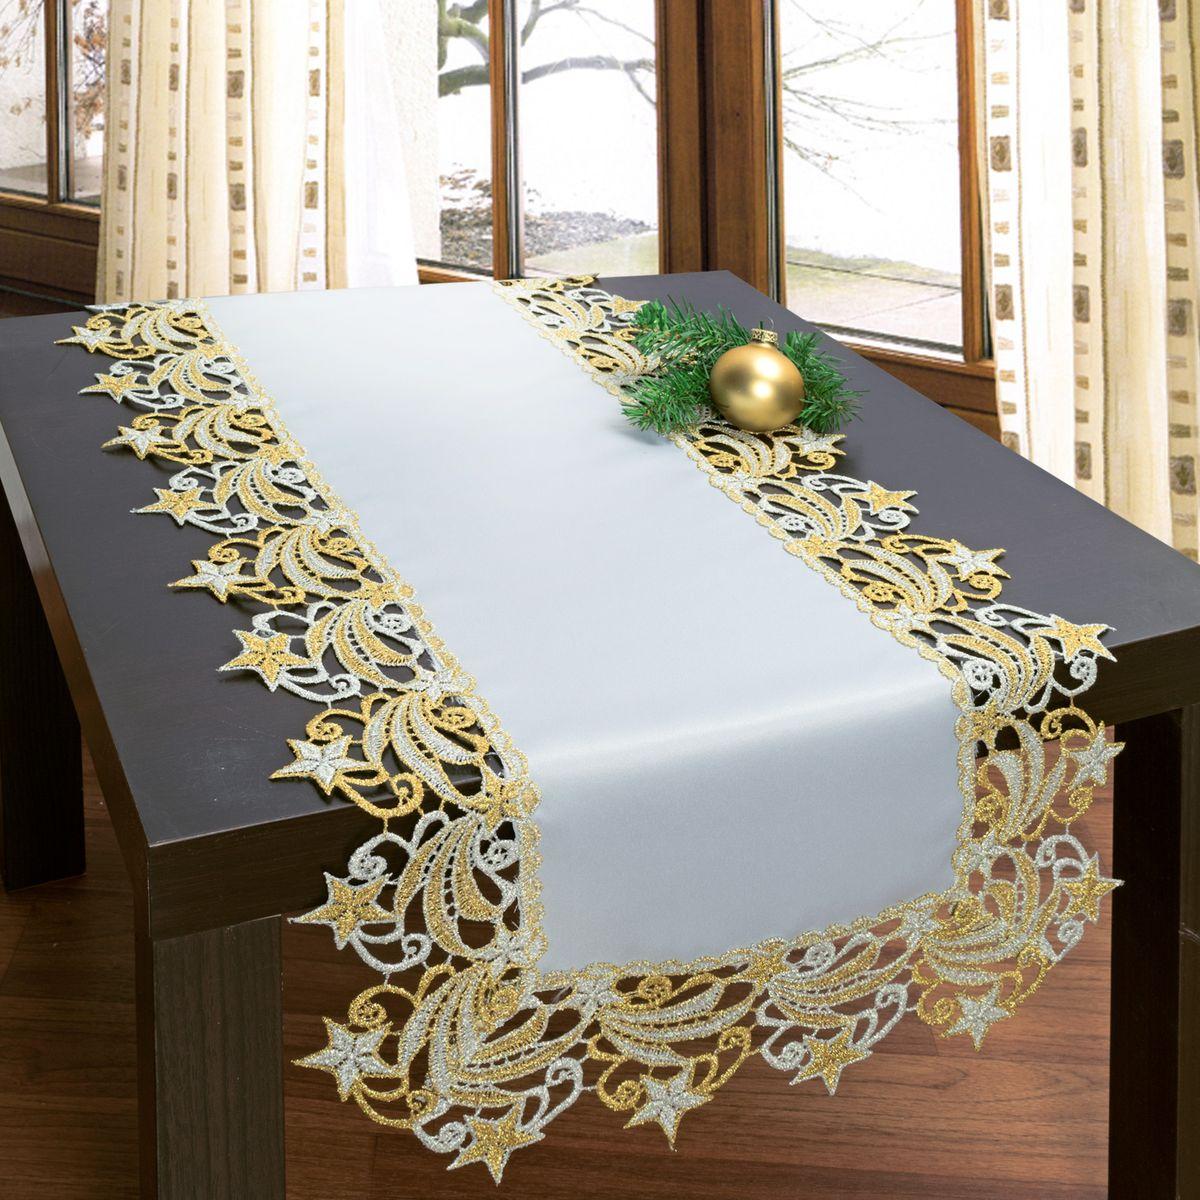 Дорожка для декорирования стола Schaefer, 40 х 100 см, цвет: белый, бежевый. 30761501000795Дорожка для декорирования стола Schaefer может быть использована, как основной элемент, так и дополнение для создания уюта и романтического настроения.Дорожка выполнена из полиэстера. Изделие легко стирать: оно не мнется, не садится и быстро сохнет, более долговечно, чем изделие из натуральных волокон.Материал: 100% полиэстер.Размер: 40 х 100 см.